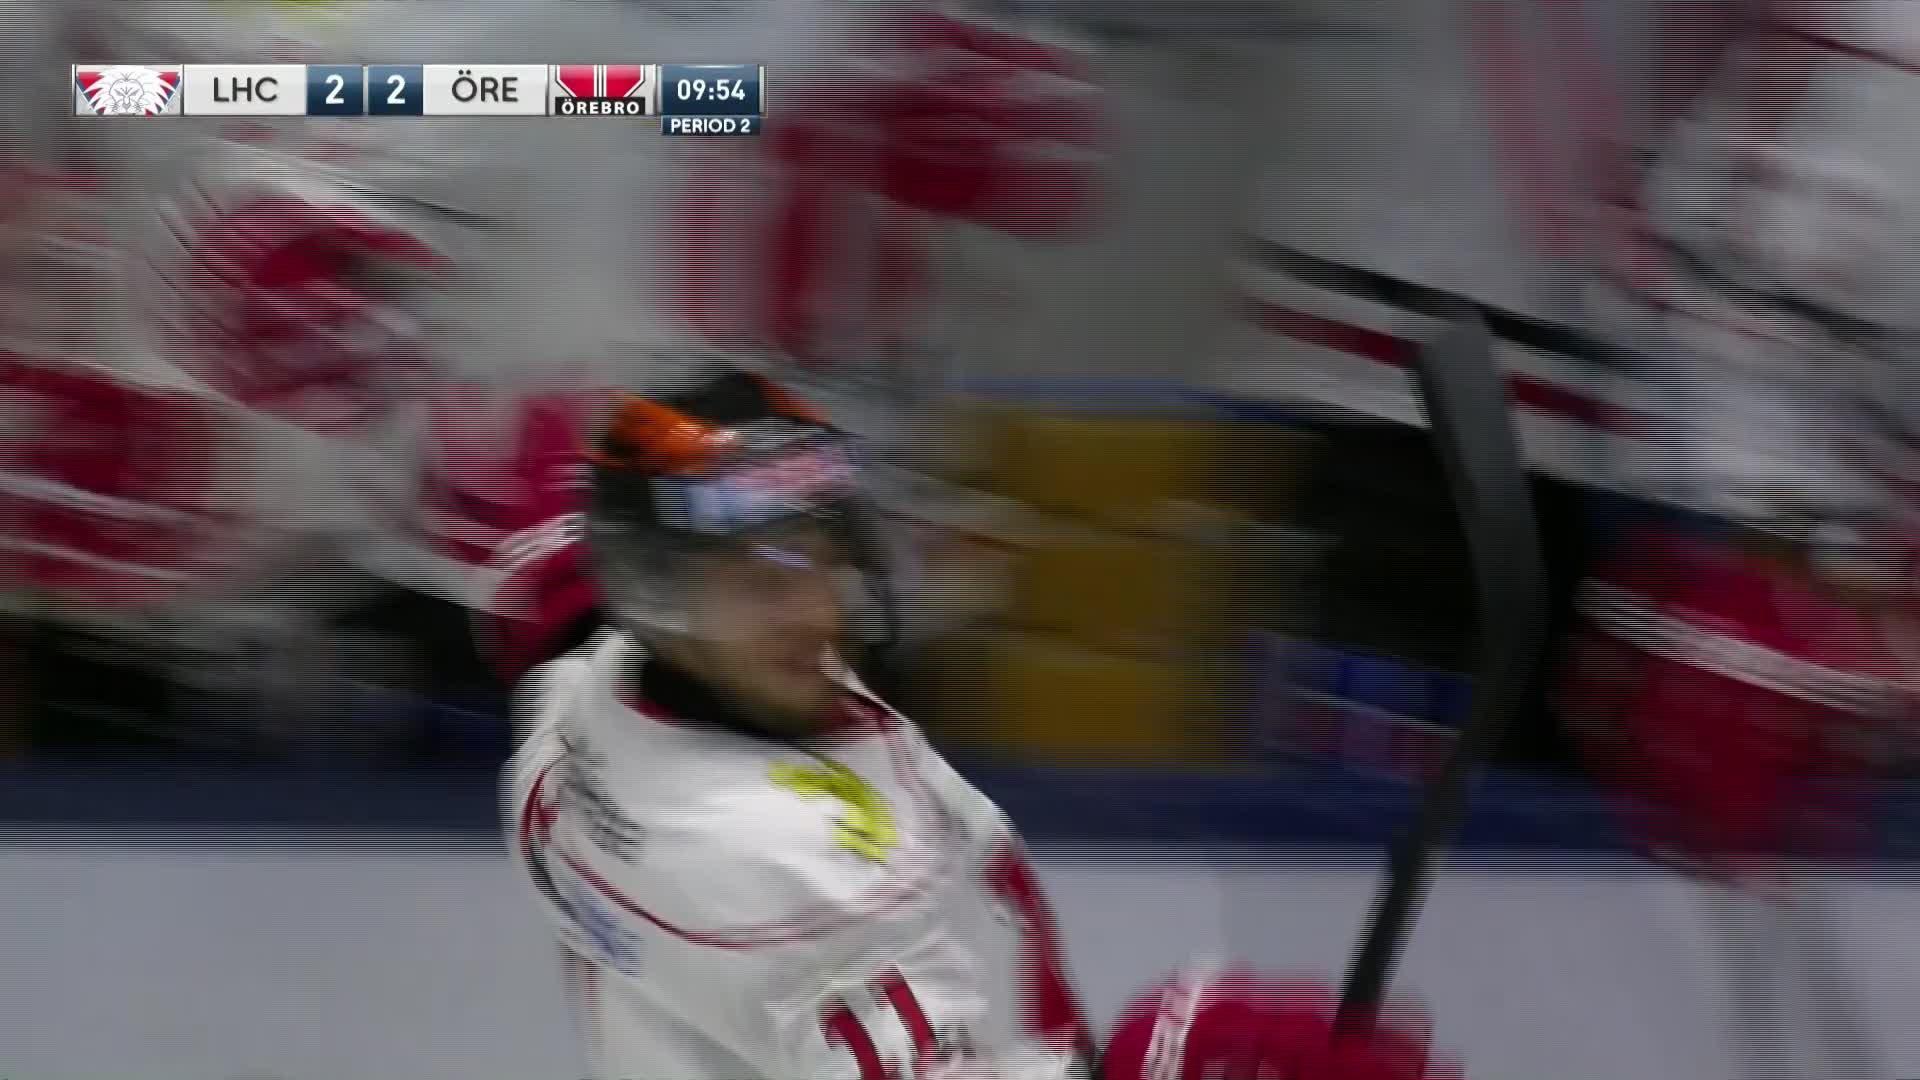 Linköping HC - Örebro Hockey 2-2